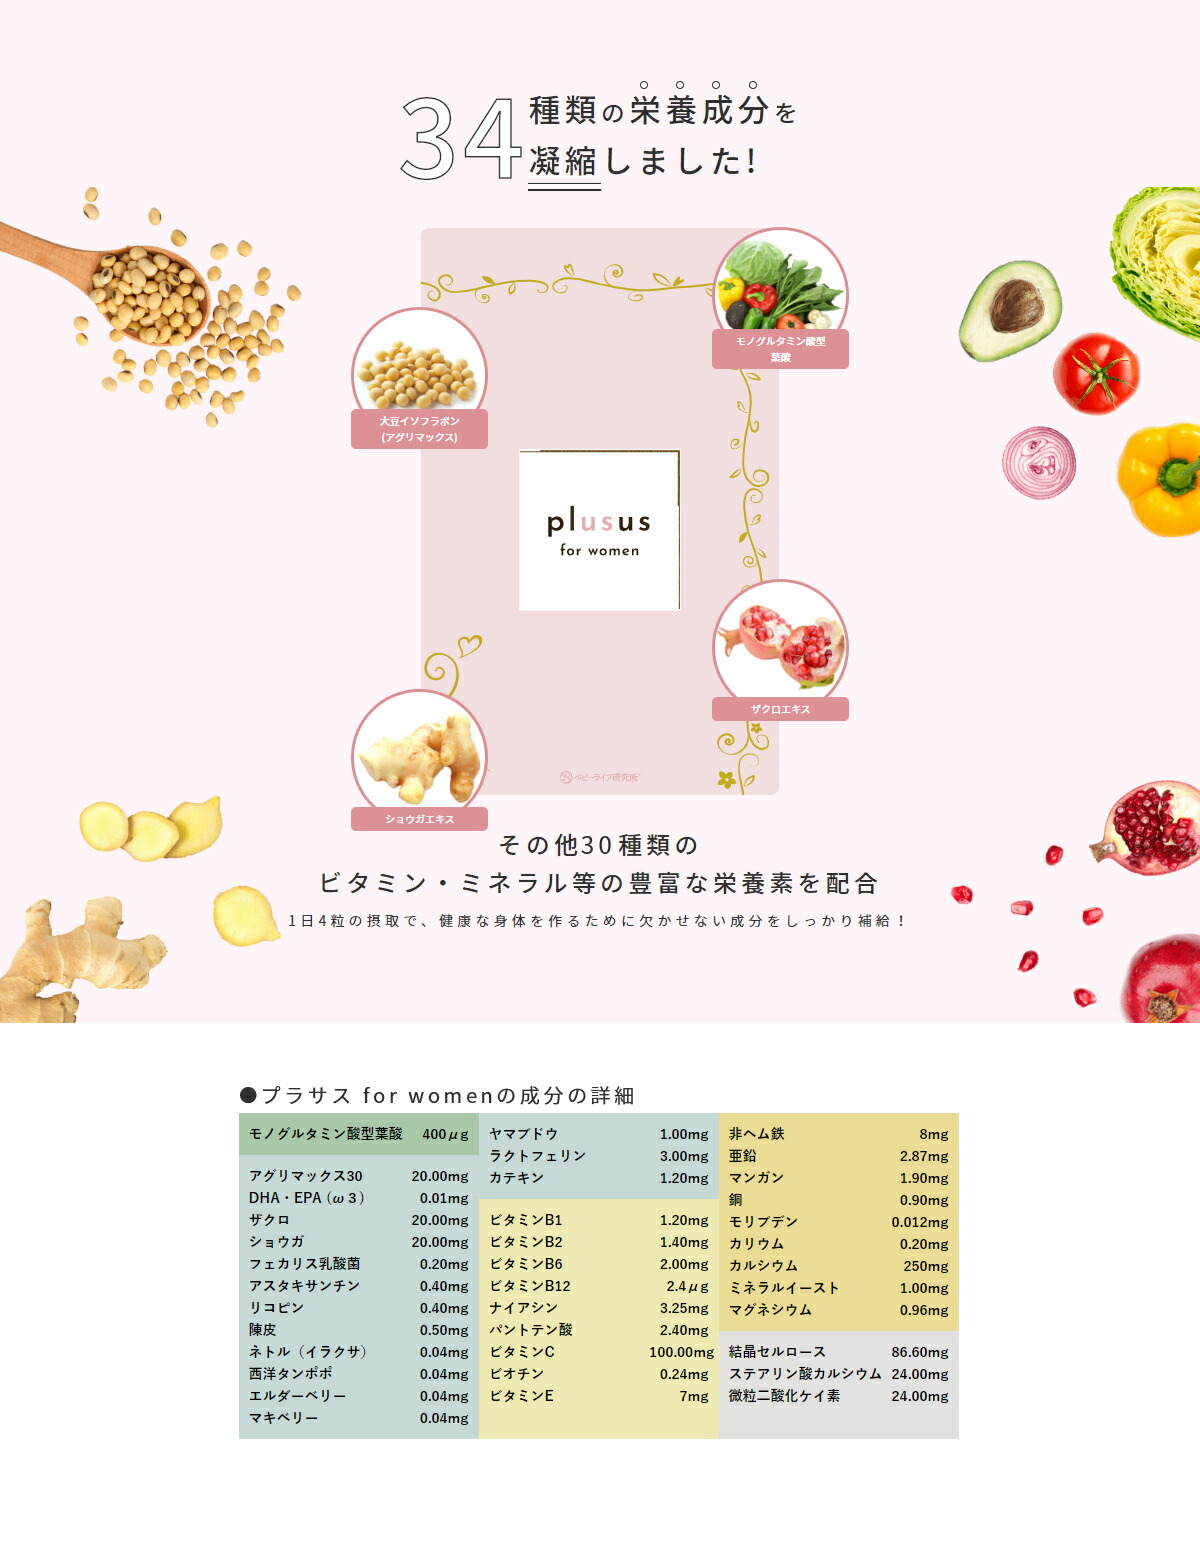 34種類の栄養成分を凝縮。その他30種類のビタミン・ミネラル等の豊富な栄養素